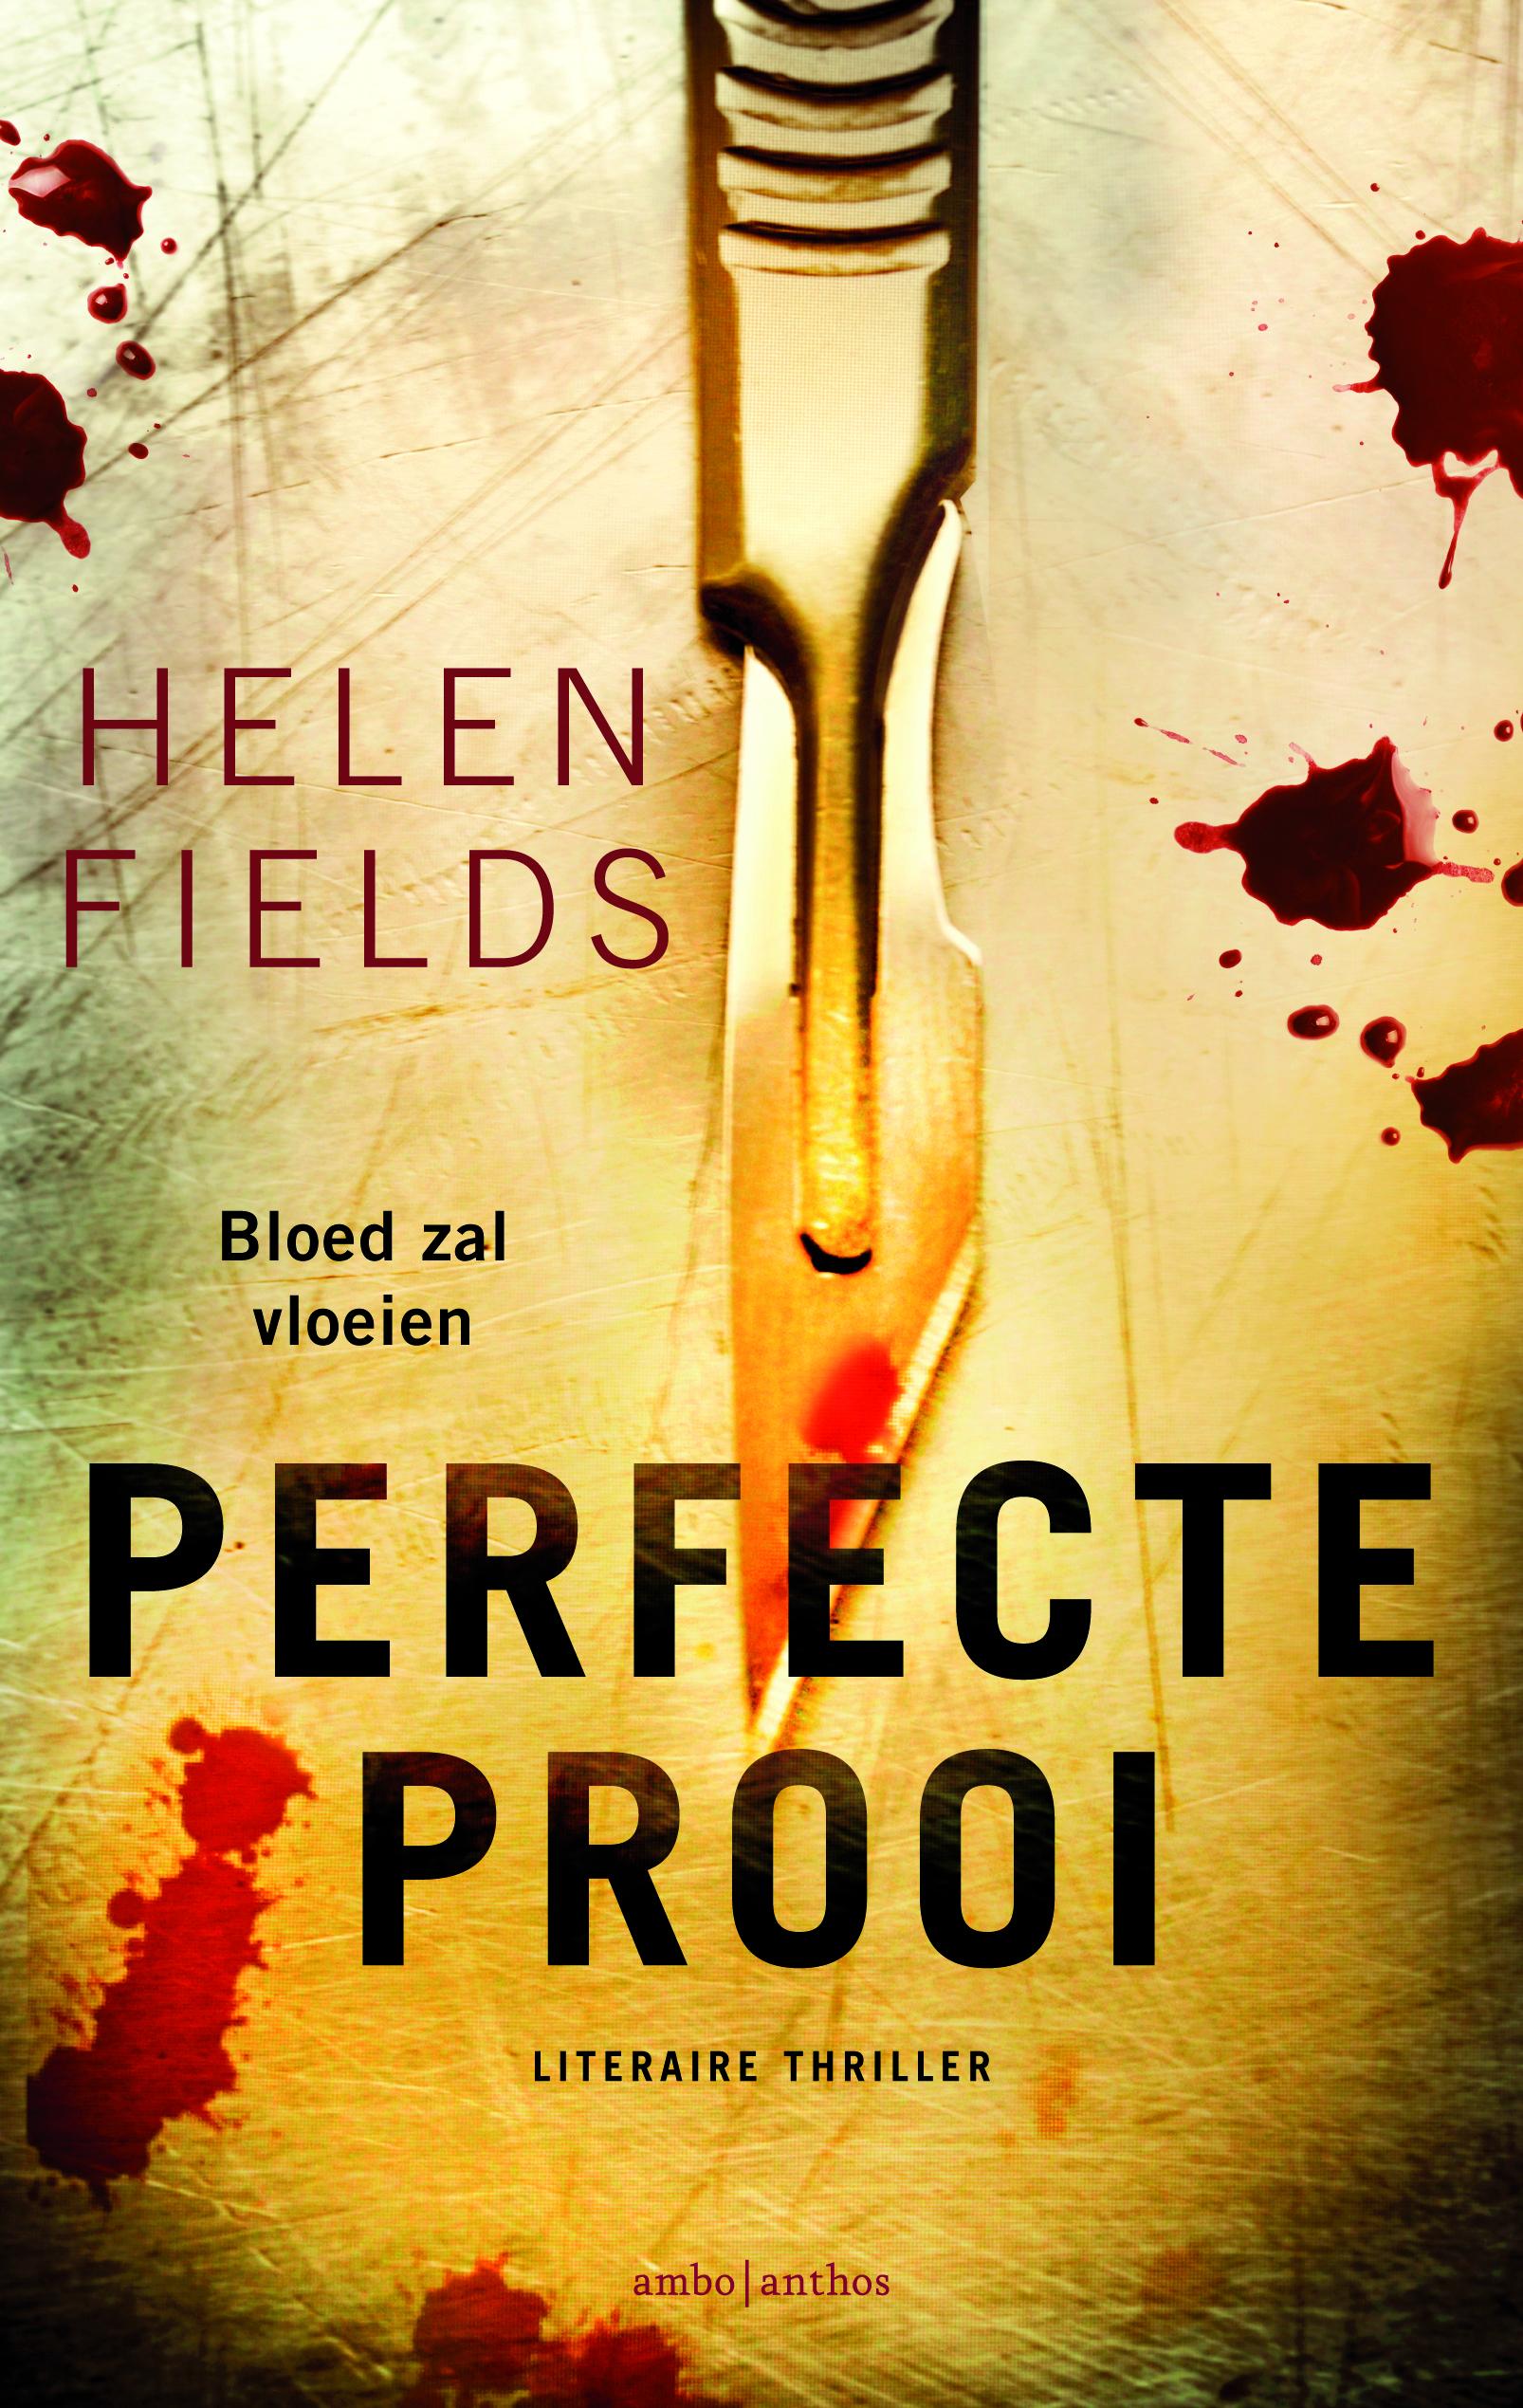 Perfecte prooi - boekenflits.nl